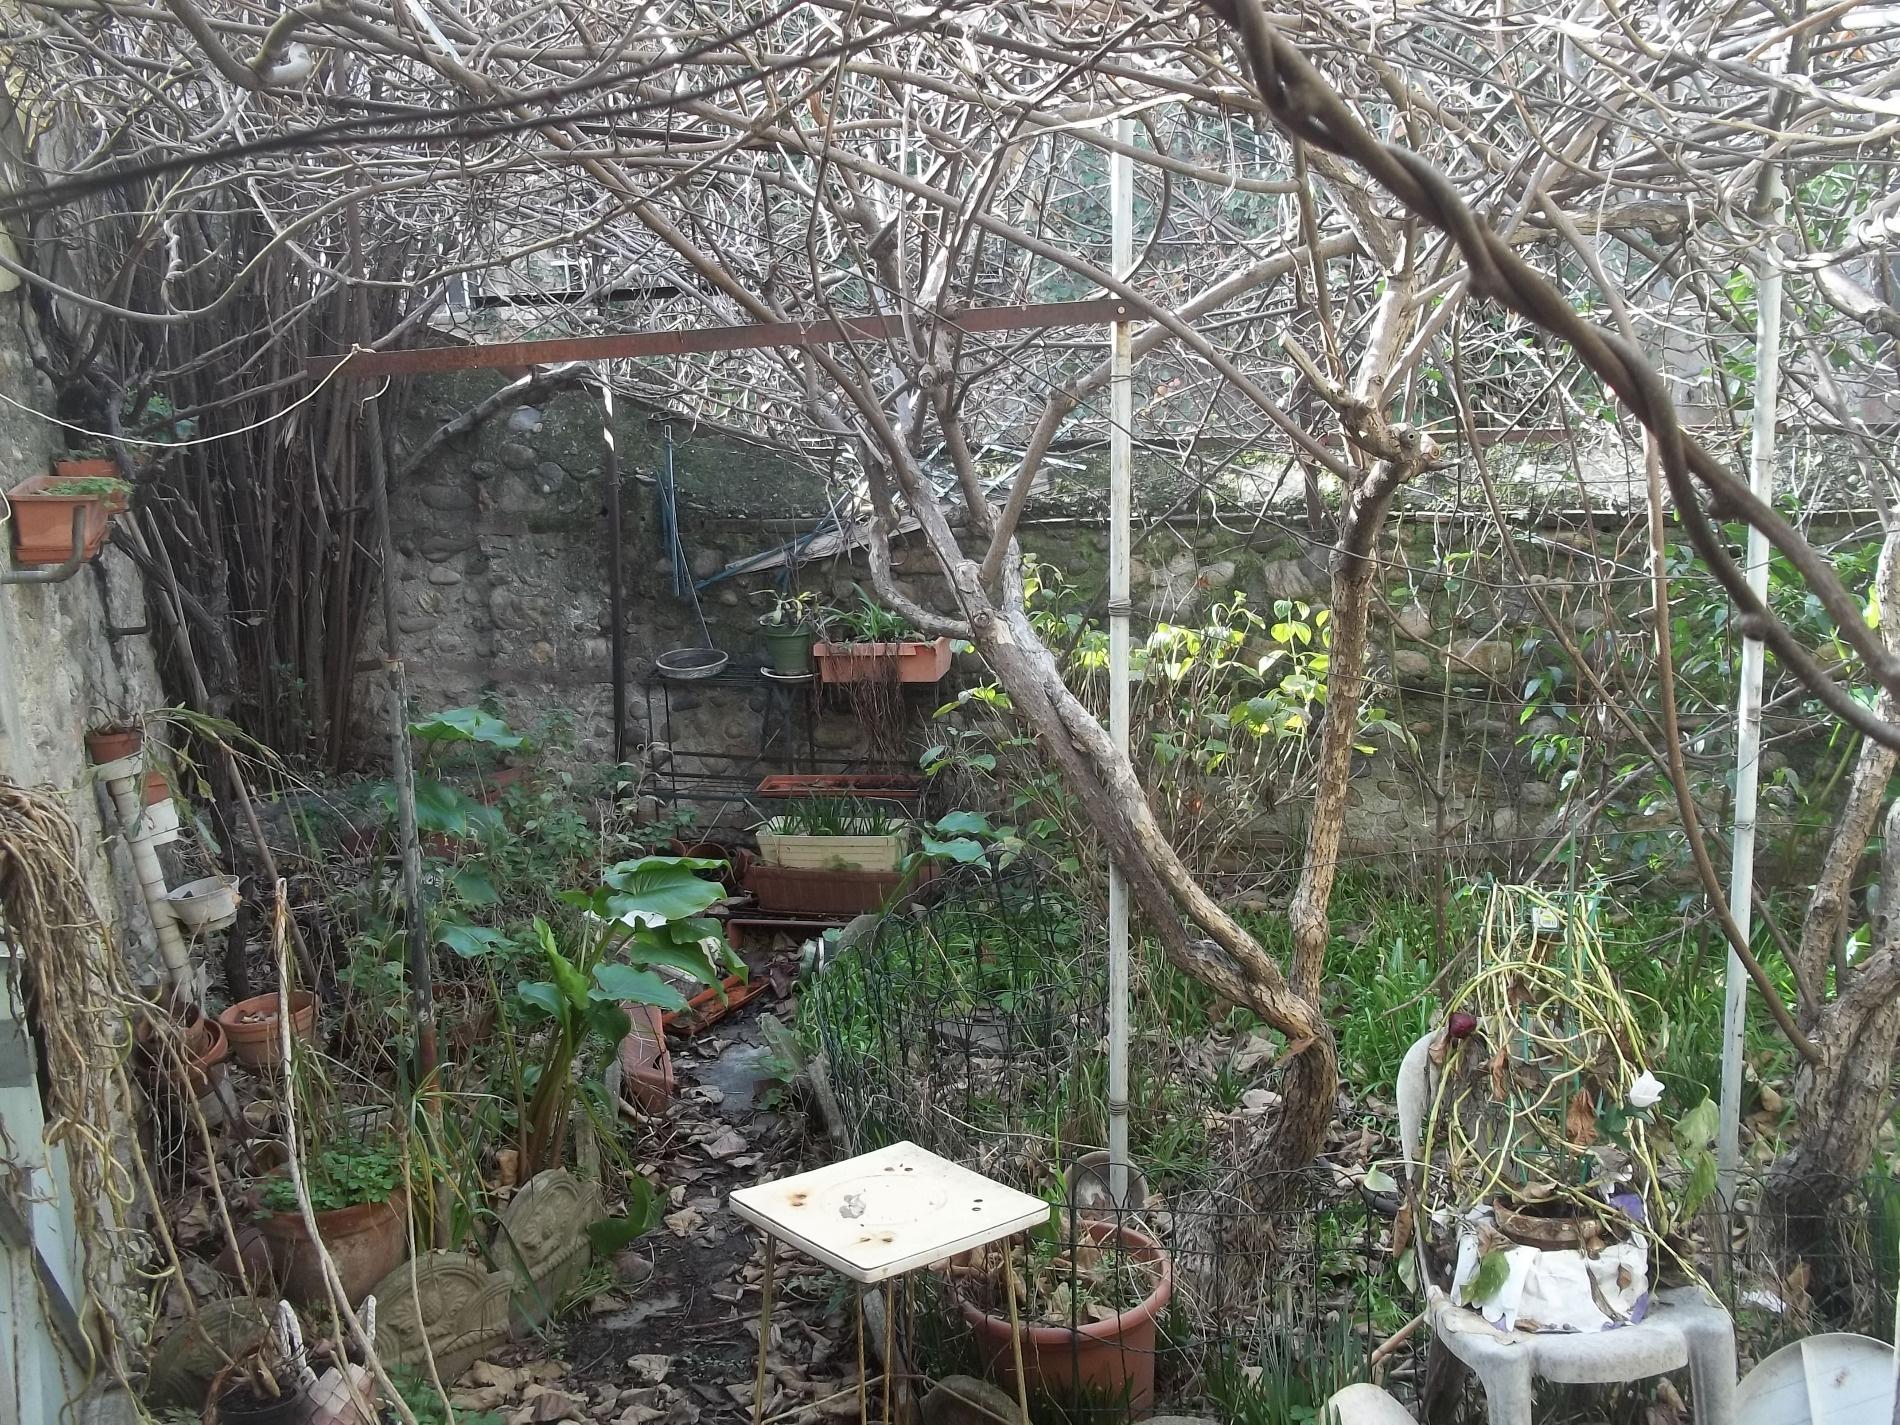 Vente perpignan st martin maison de ville t 6 avec jardin - Jardin maison contemporaine perpignan ...